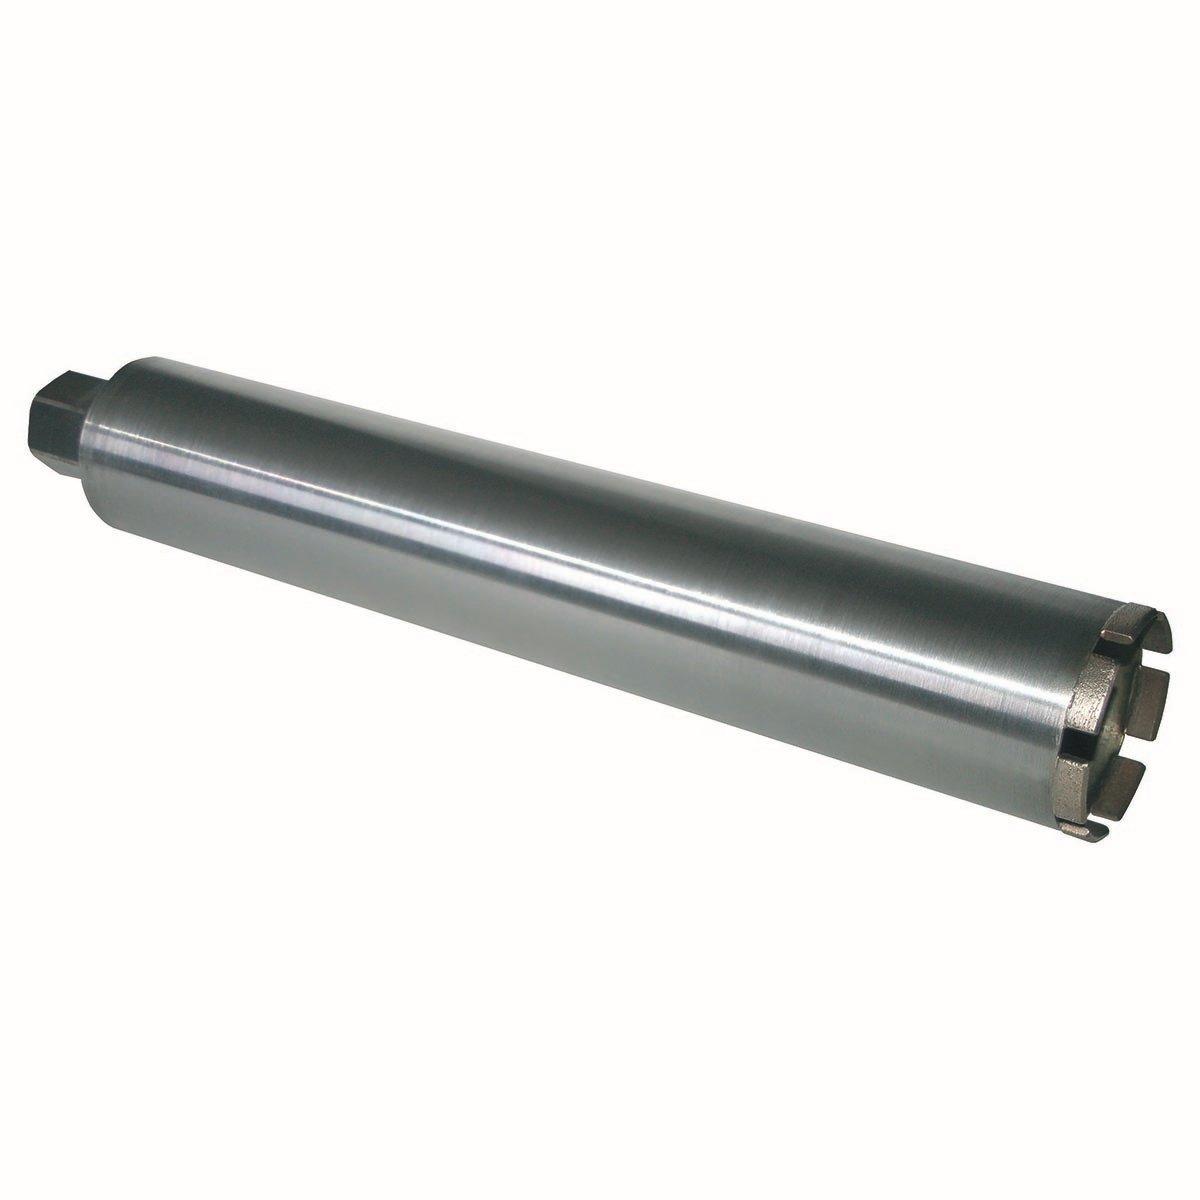 Proteco-Werkzeug® Diamantbohrkrone Dia 42 x 400 mm Bohrkrone 1 1/4 Zoll Kernbohrkrone Laser Dosensenker 10 mm Segment Made in Germany Proteco-Werkzeug®